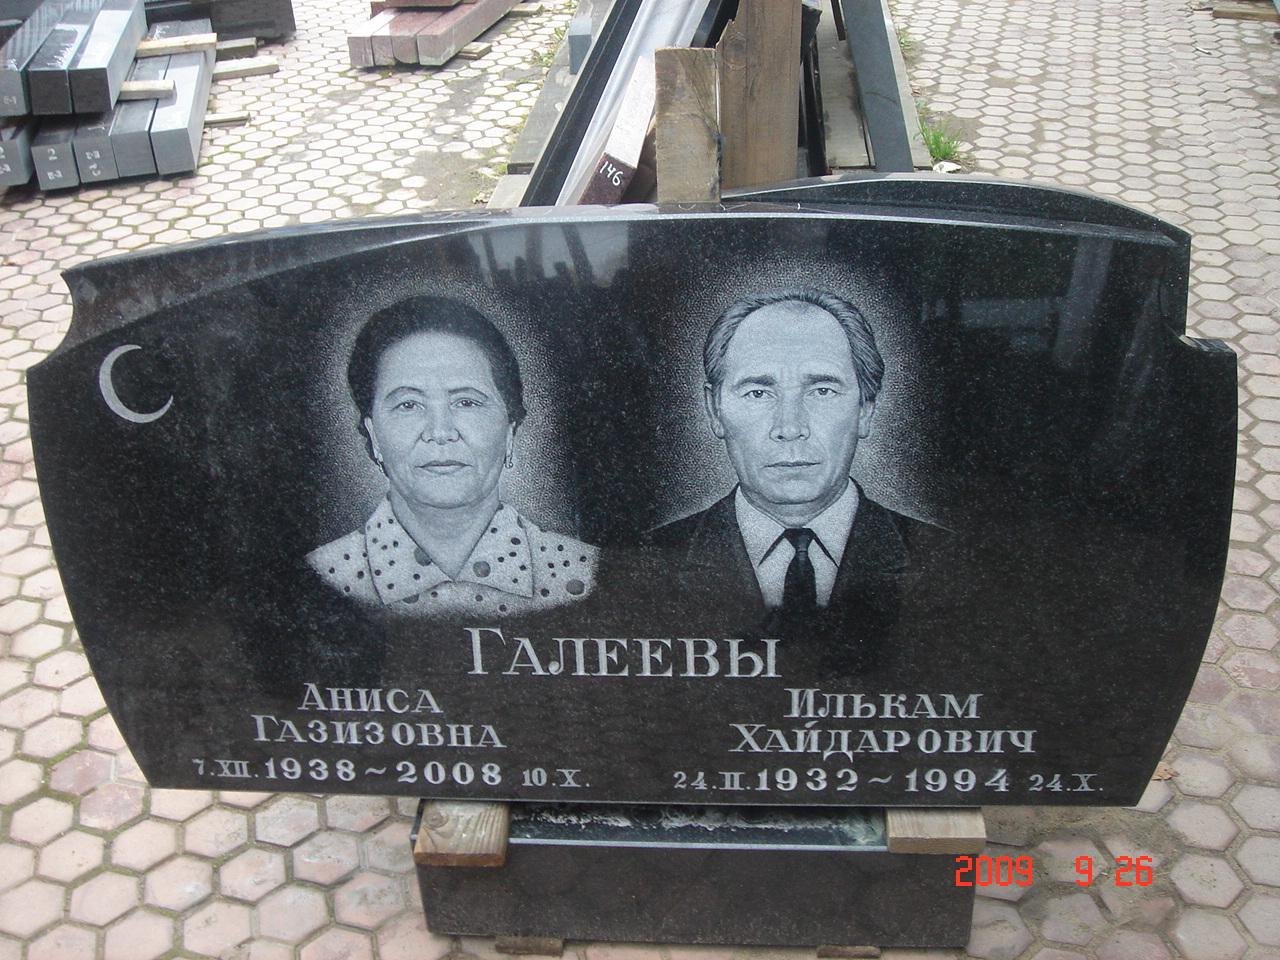 Надгробные плиты надписи к 50 купить памятник фото пушкино